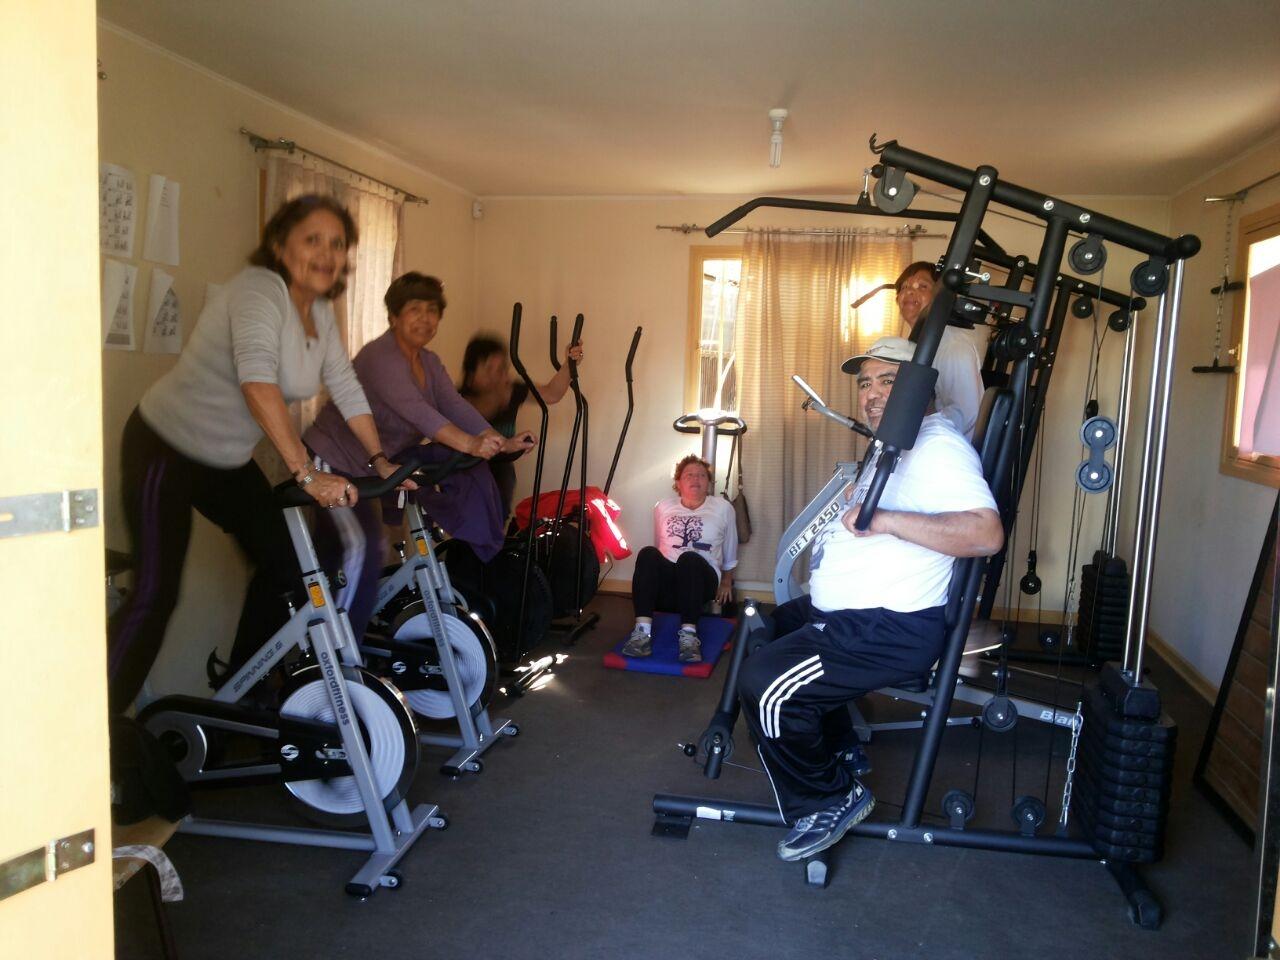 Preparan actividades preventivas deportivas en Vallenar